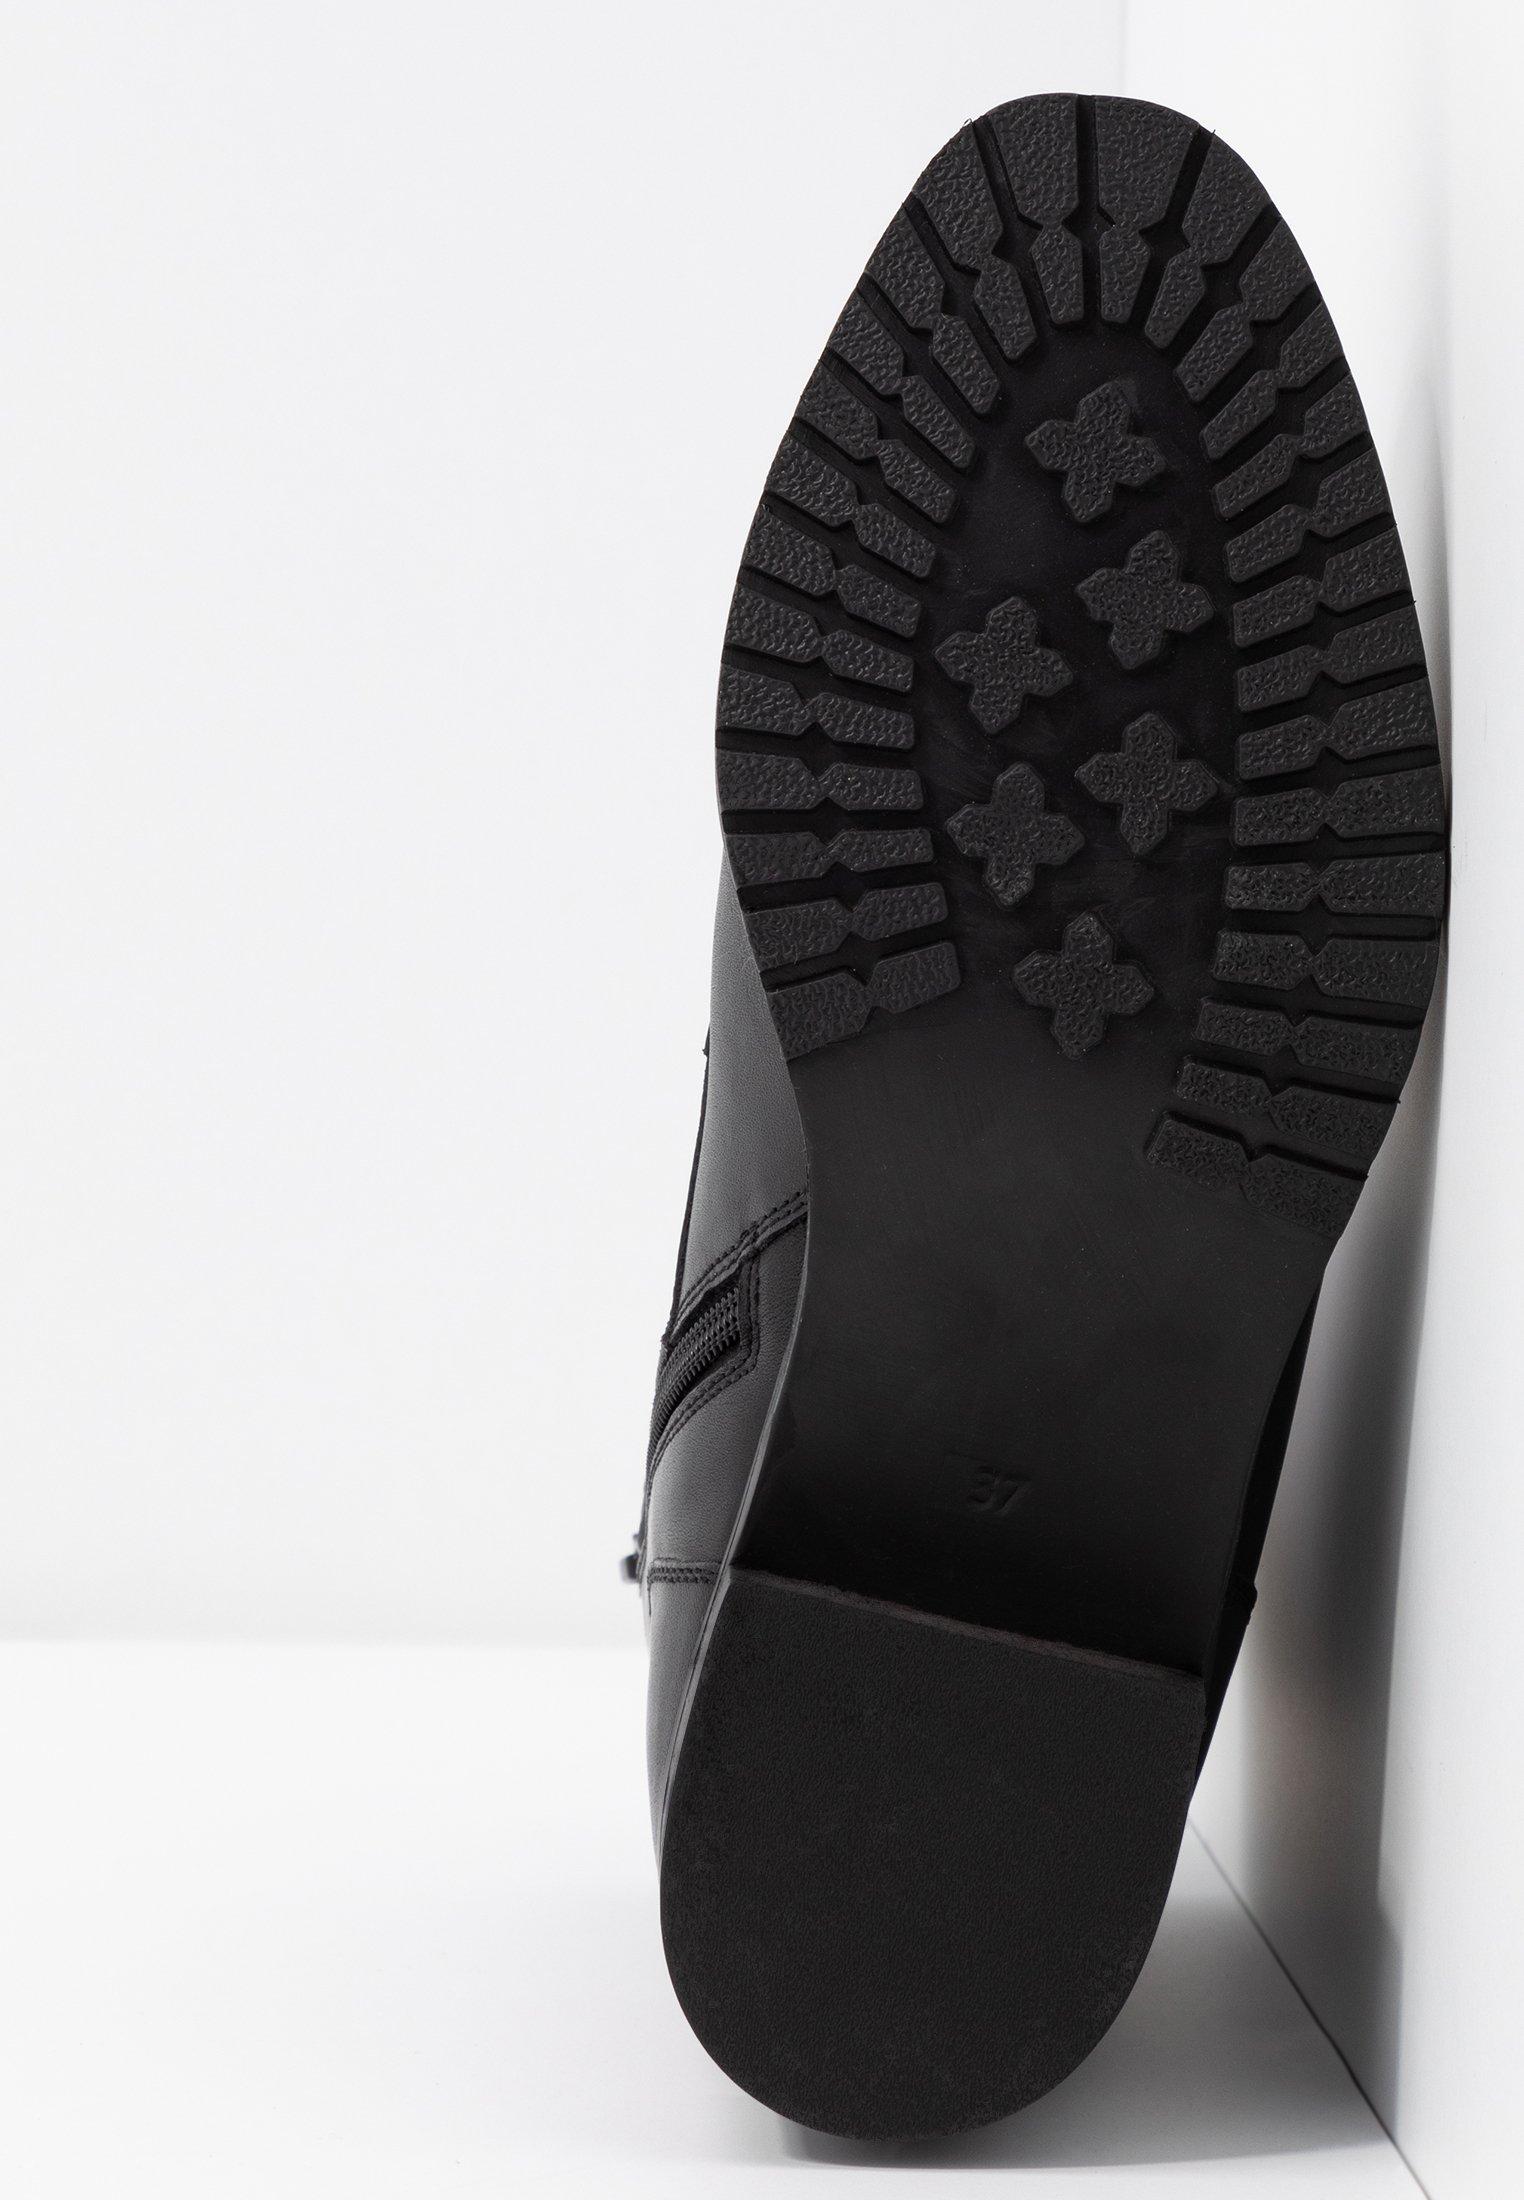 Acquista per Scarpe da Donna Anna Field LEATHER WINTER BOOTIES Stivaletti stringati black